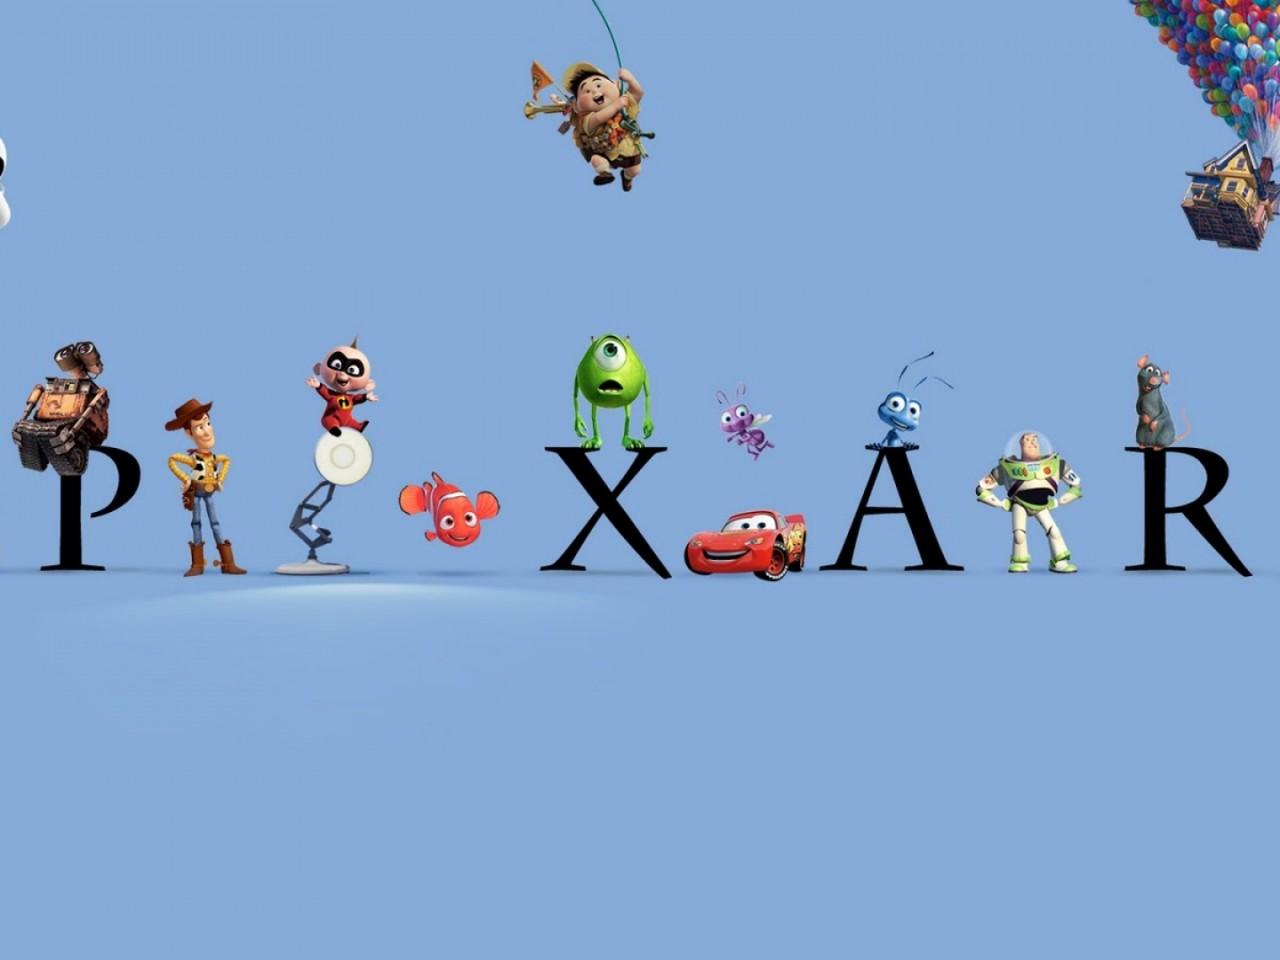 Disney Pixar Cars Wallpapers Free Download Pixar Logo Wallpaper Hd Wallpapers